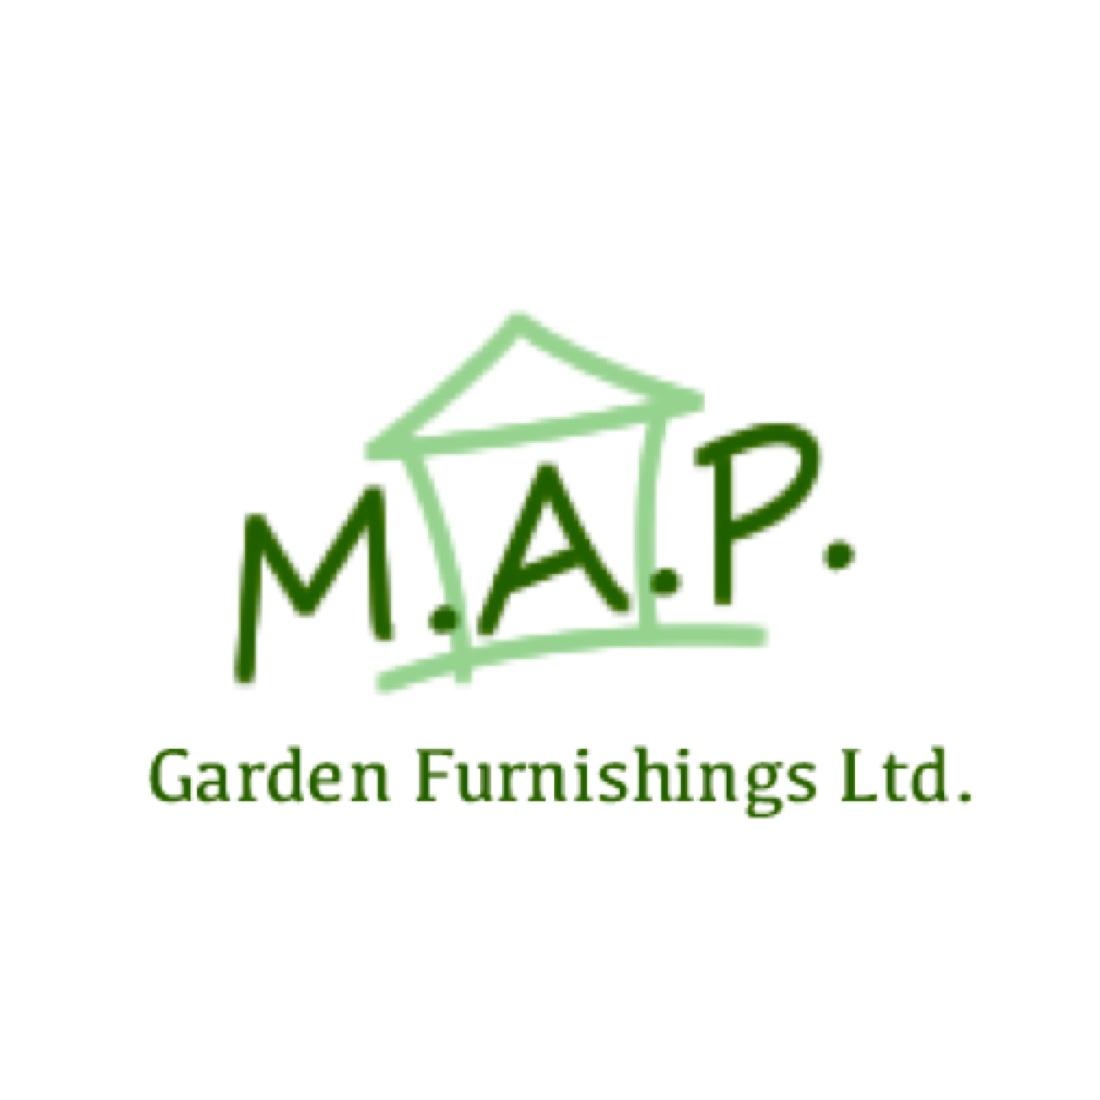 Shire 6' x 6' Arran Apex with Double Door